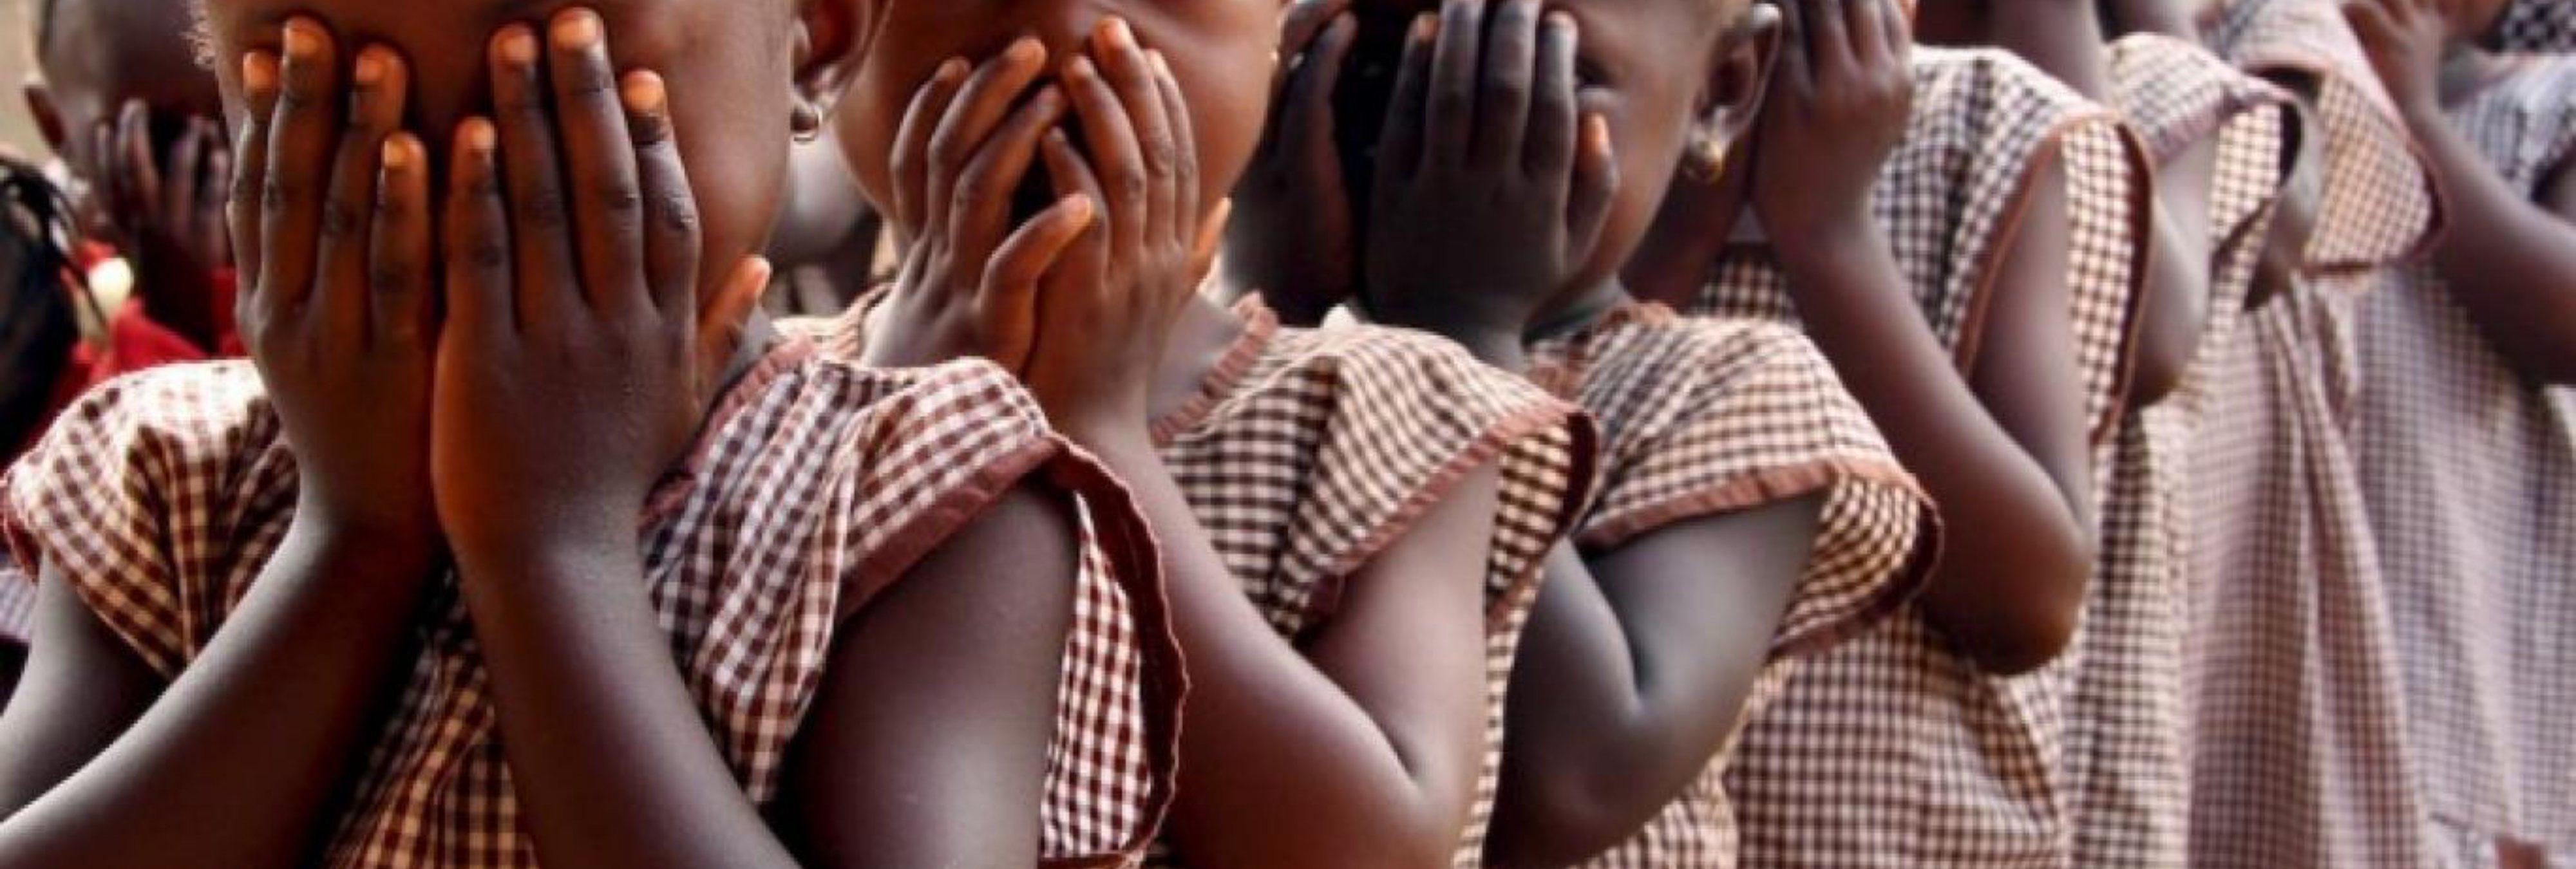 Tolerancia cero con la Mutilación Genital Femenina: causas, consecuencias y soluciones